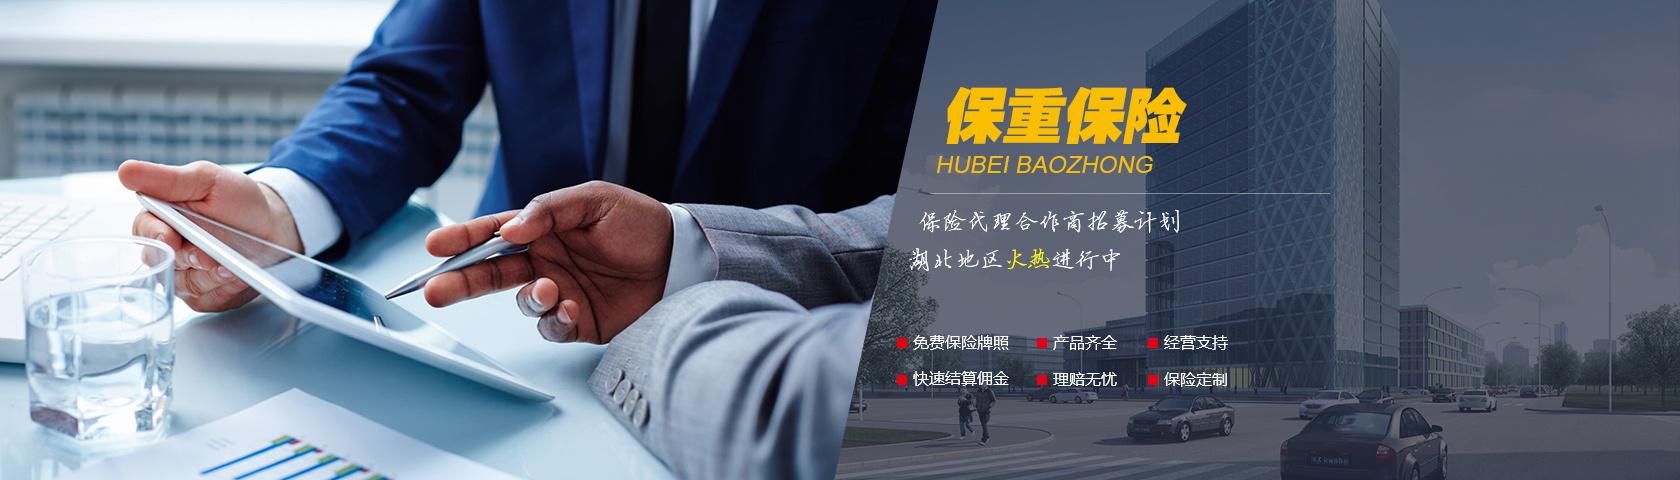 湖北保重保险代理有限公司CEO曹辉武谈重回课堂